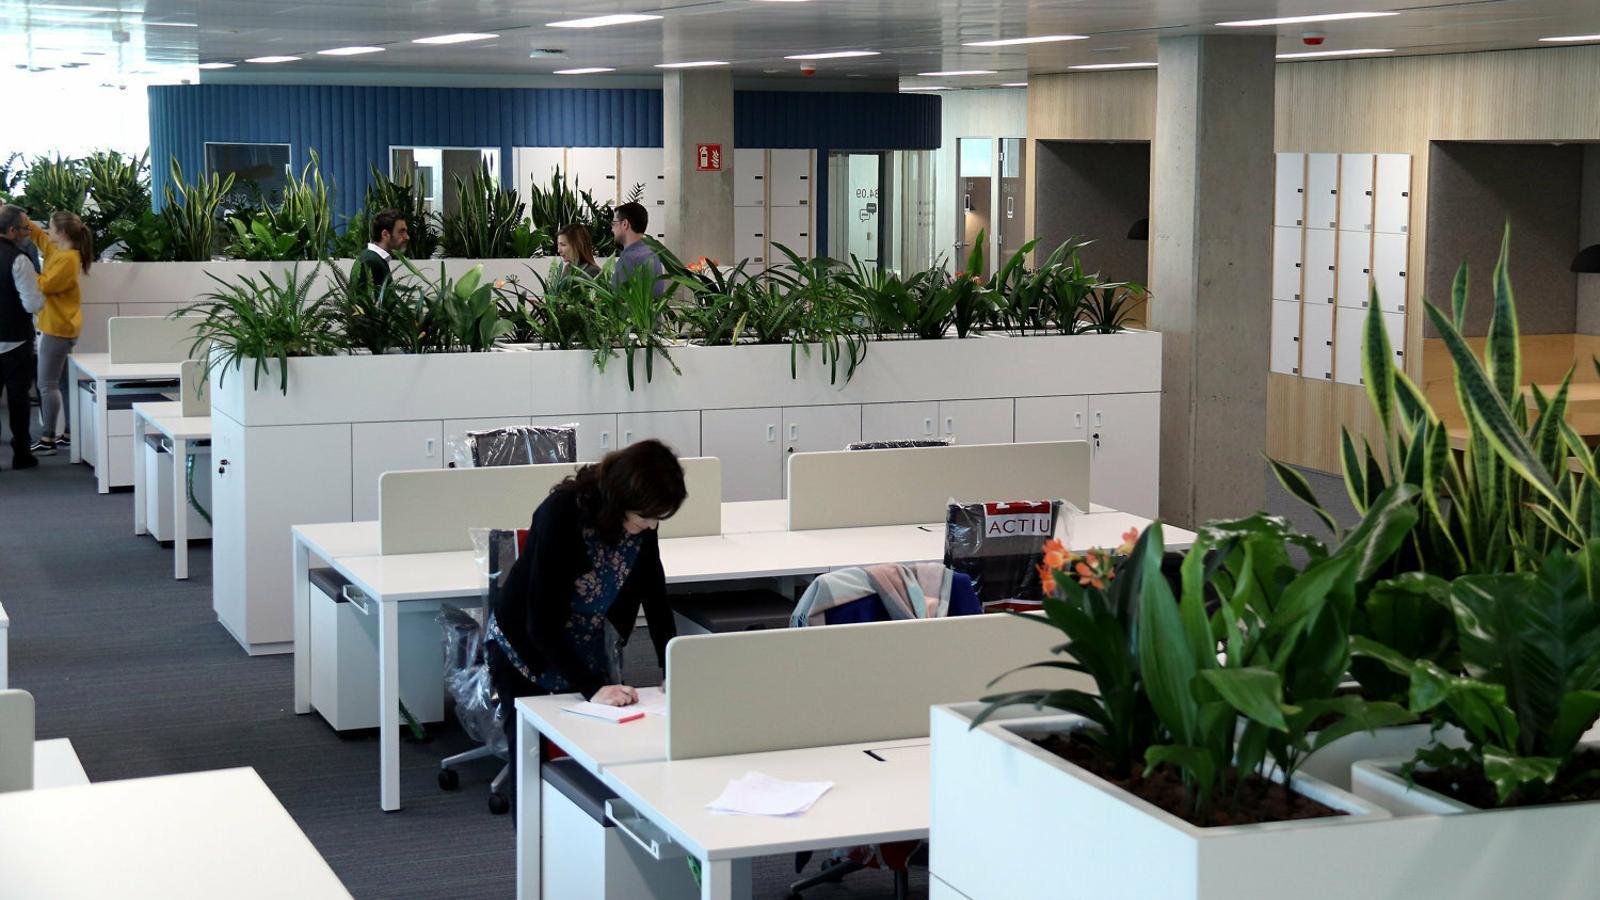 Les instal·lacions de la Generalitat a la Zona Franca